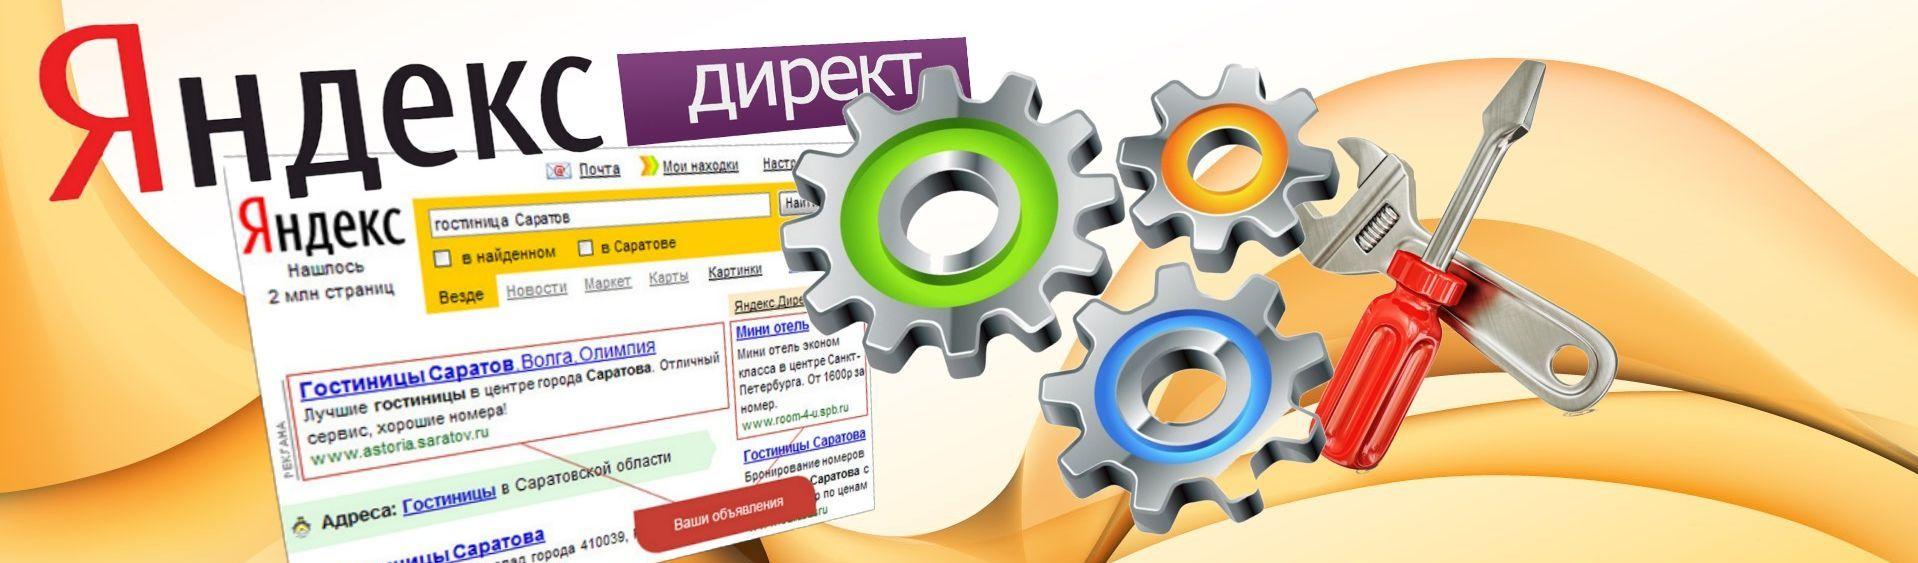 Реклама Яндекс Директ. Почему мою страничку не пропустили модераторы